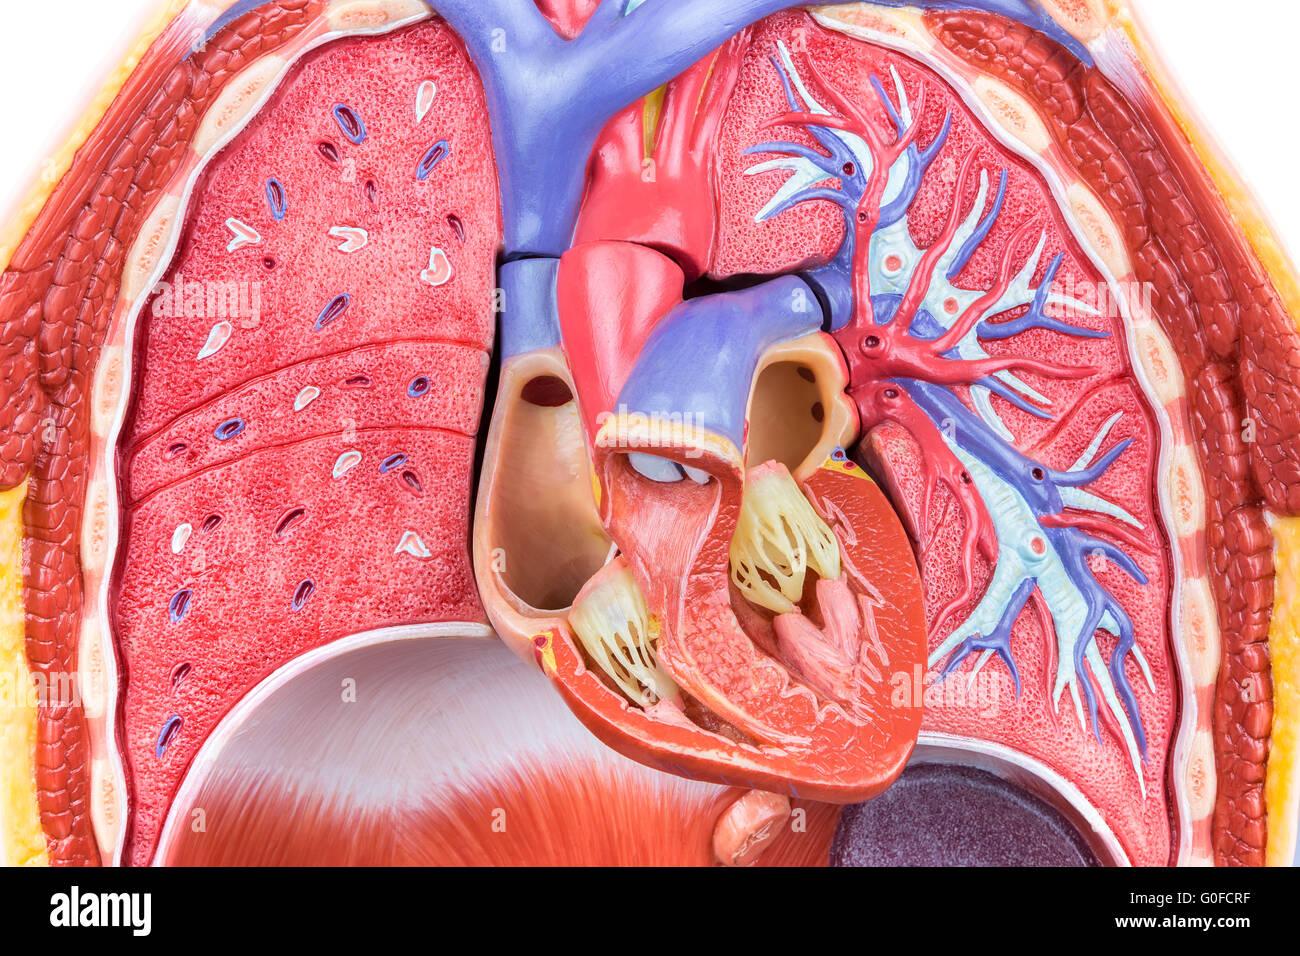 Modell menschlicher Körper mit Lunge und Herz Stockfoto, Bild ...